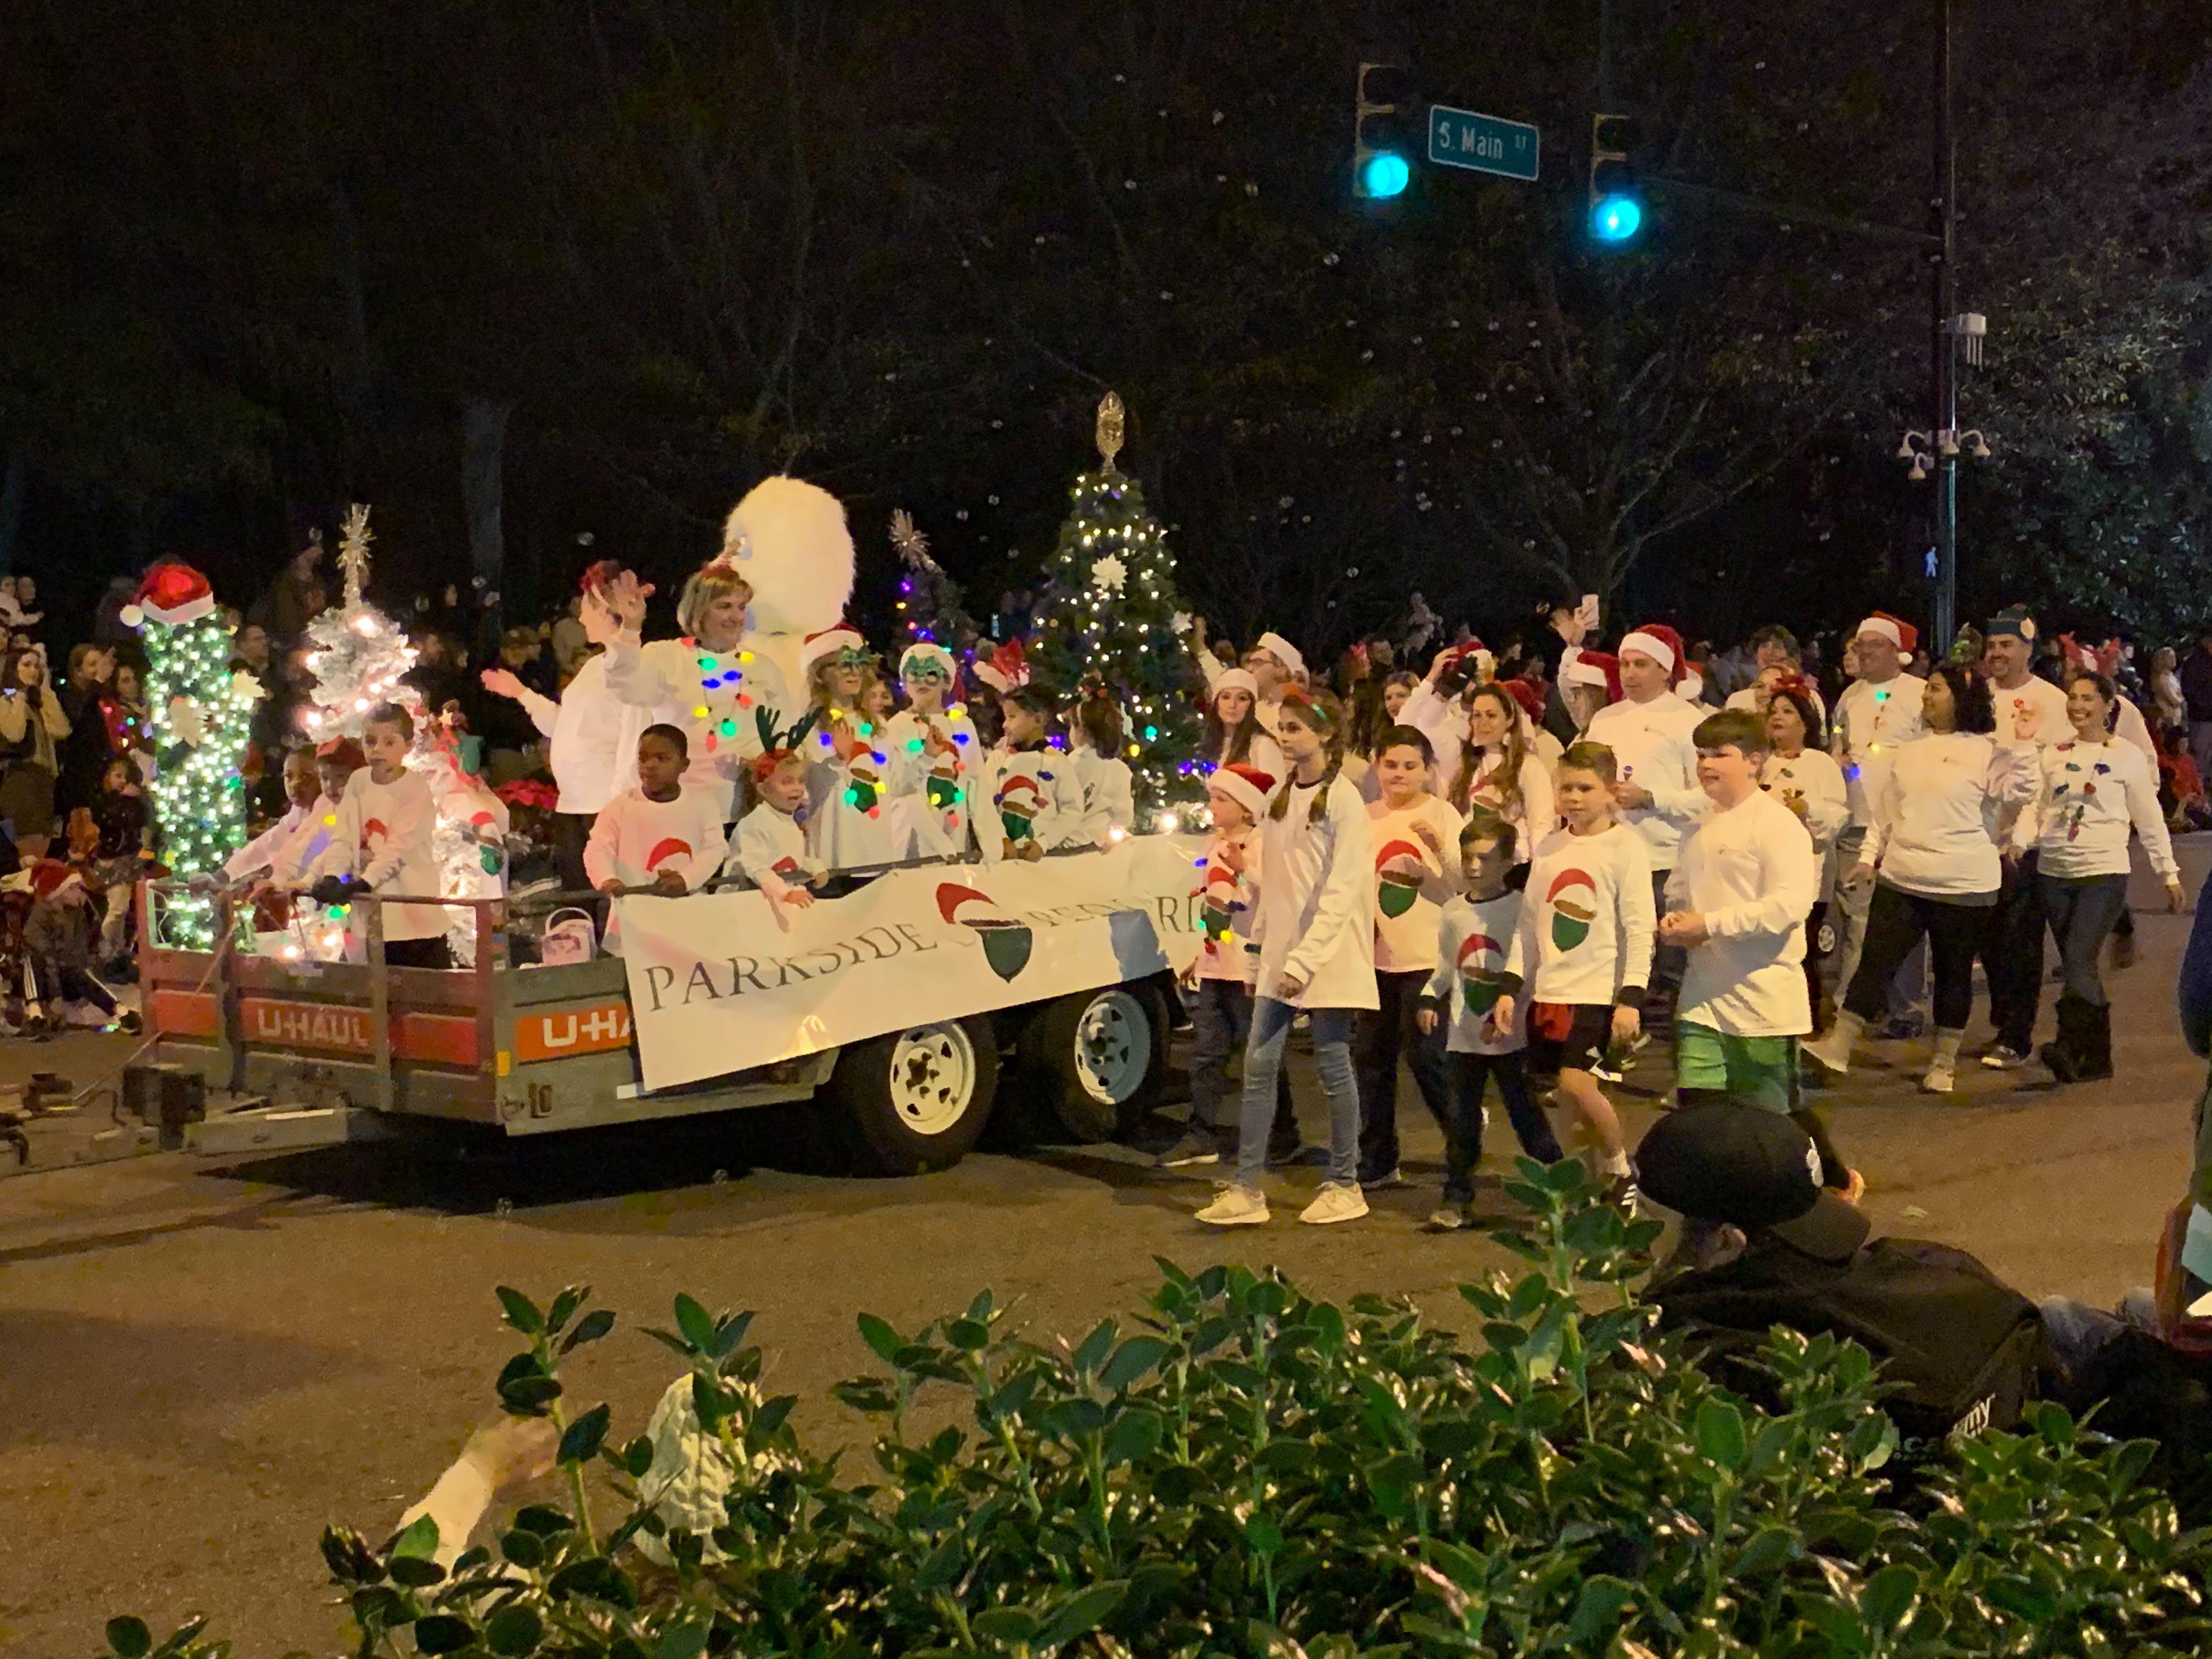 2021 Greenville Sc Christmas Parade Photos Greenville Poinsettia Christmas Parade